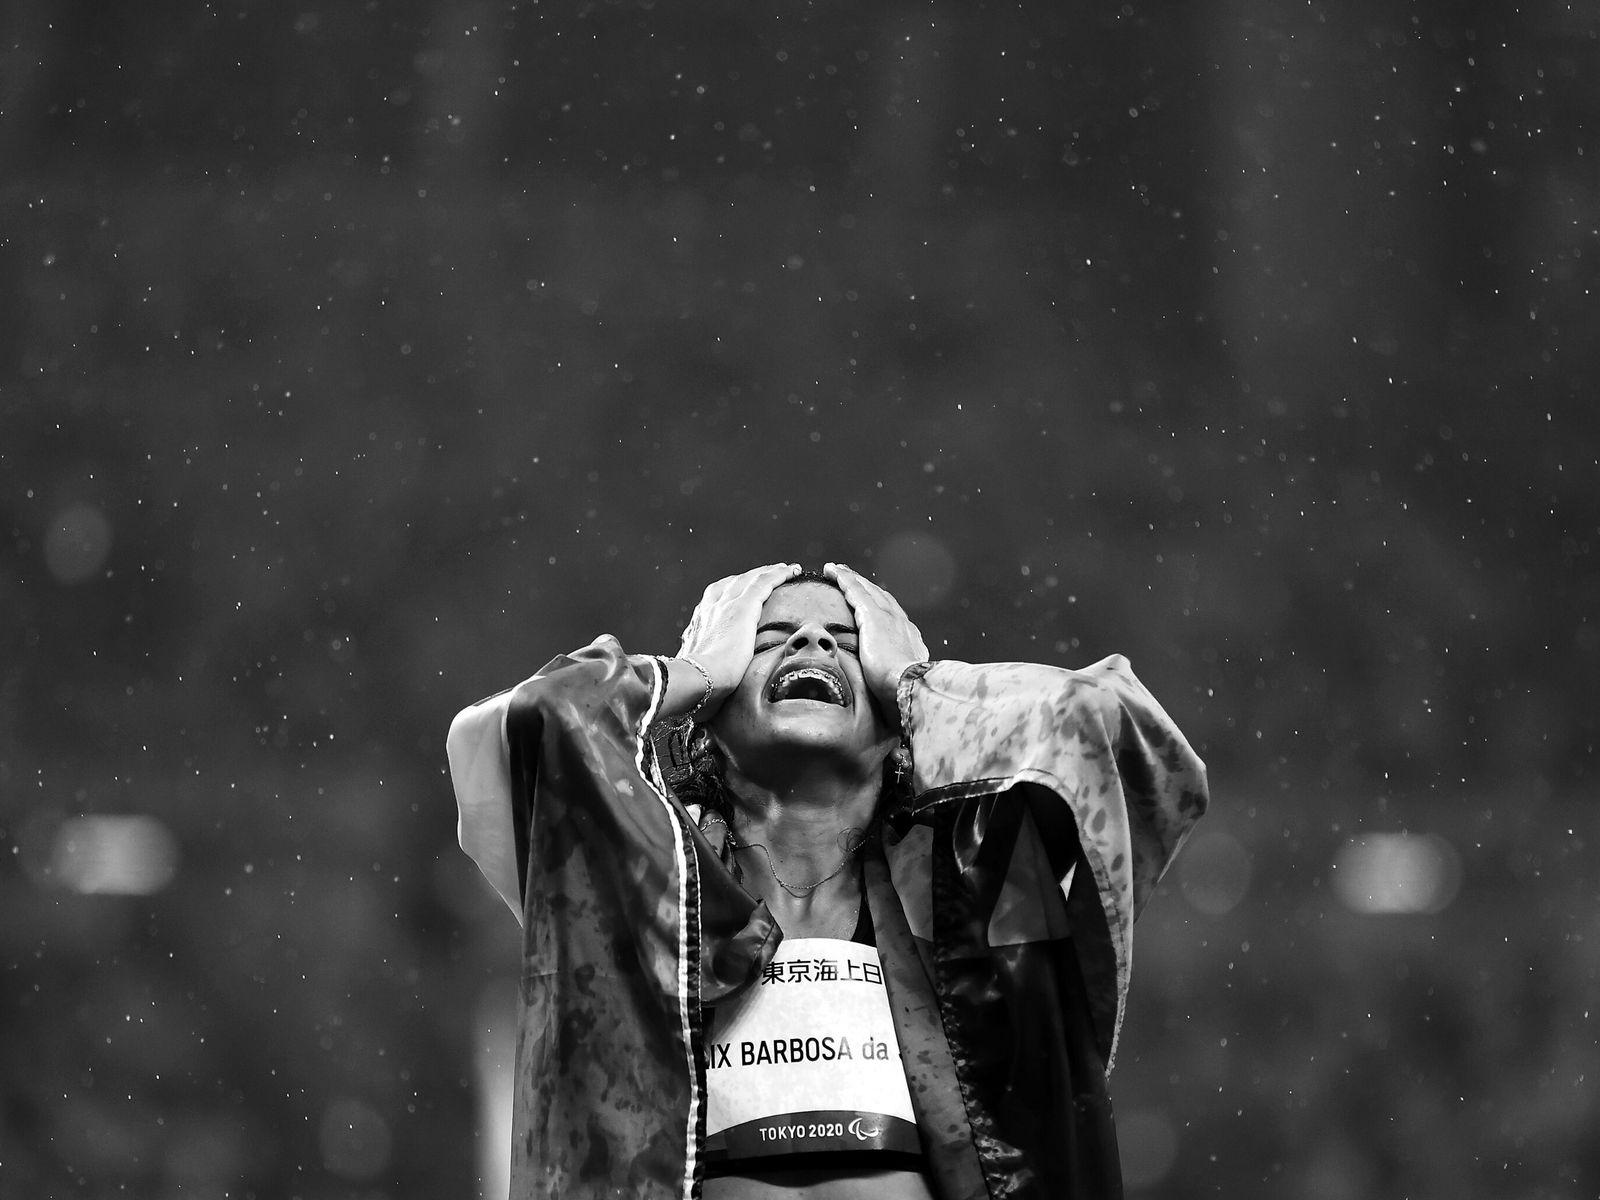 Die Brasilianerin Jardenia Felix Barbosa da Silva feiert den Sieg ihrer Bronzemedaille nach dem 400m, T20-Rennen ...